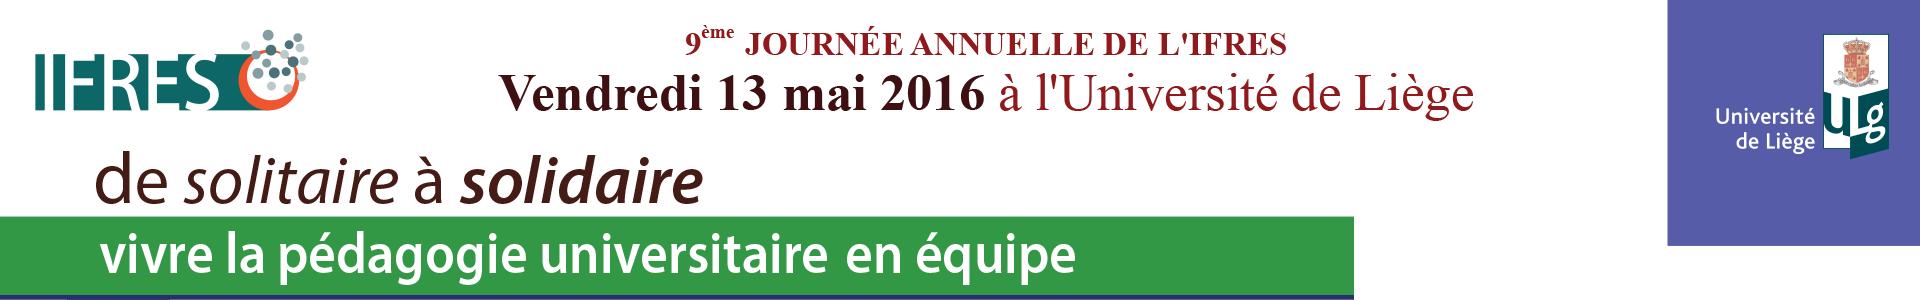 9ème Journée annuelle de l'IFRES